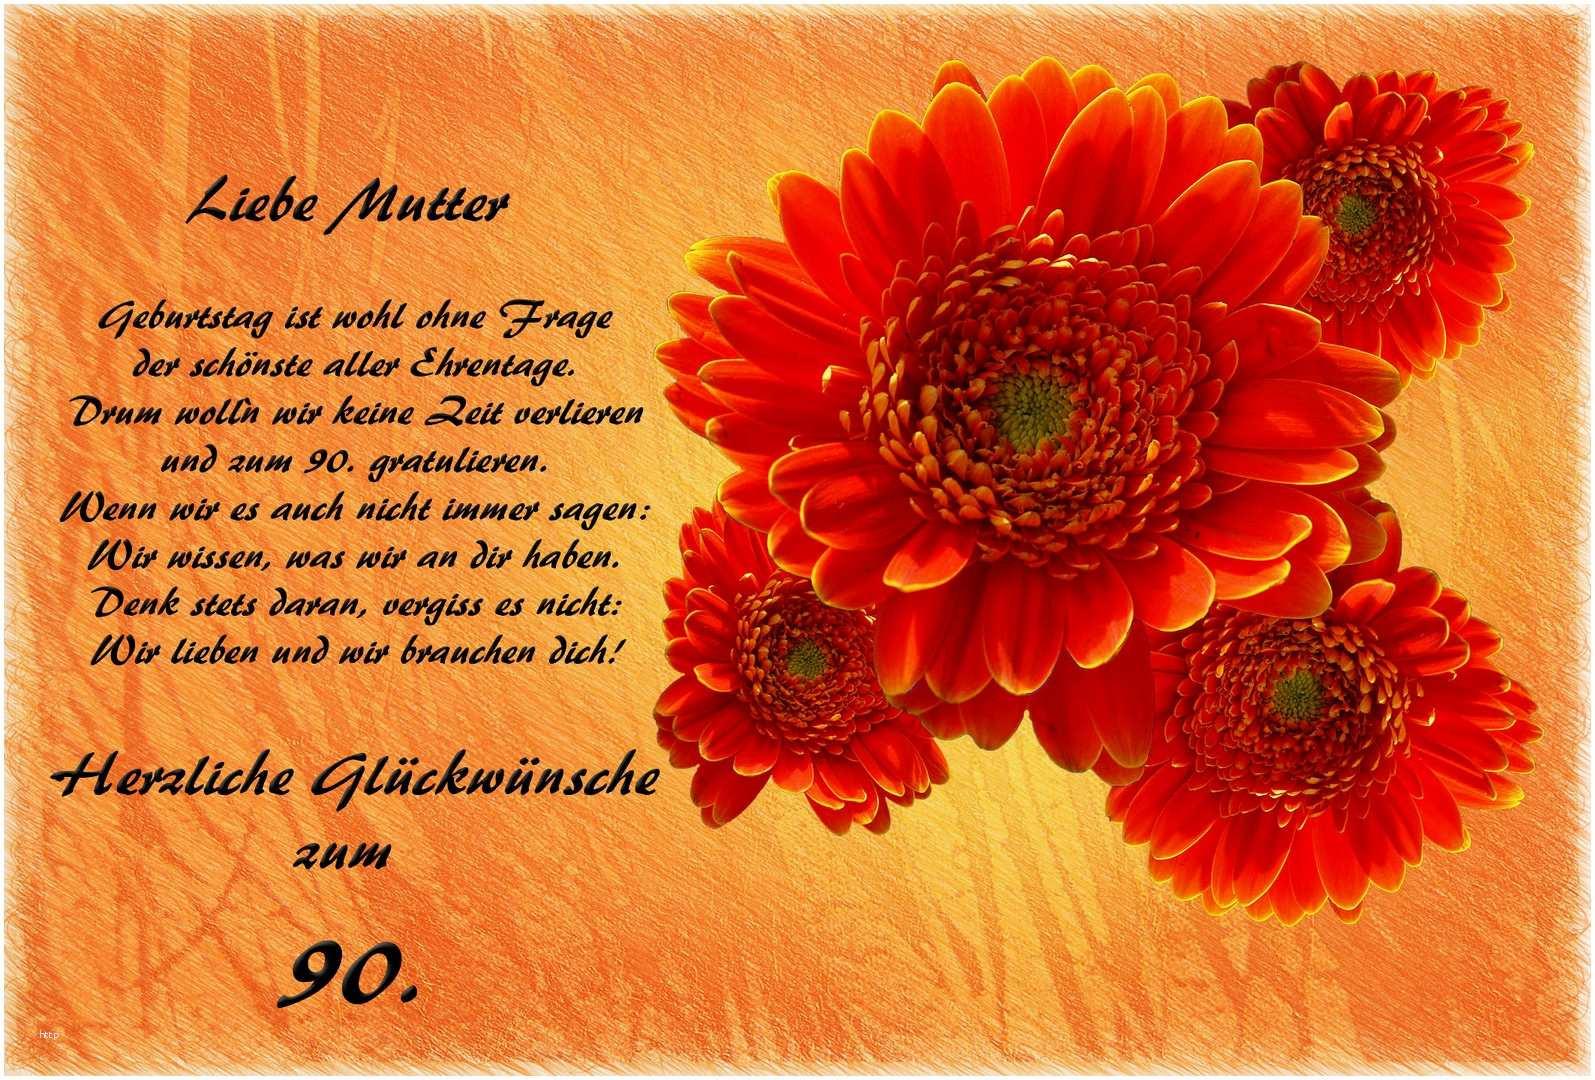 Herzliche Geburtstagswünsche  Herzliche Glückwünsche Zum 90 Geburtstag Hübsch Herzliche